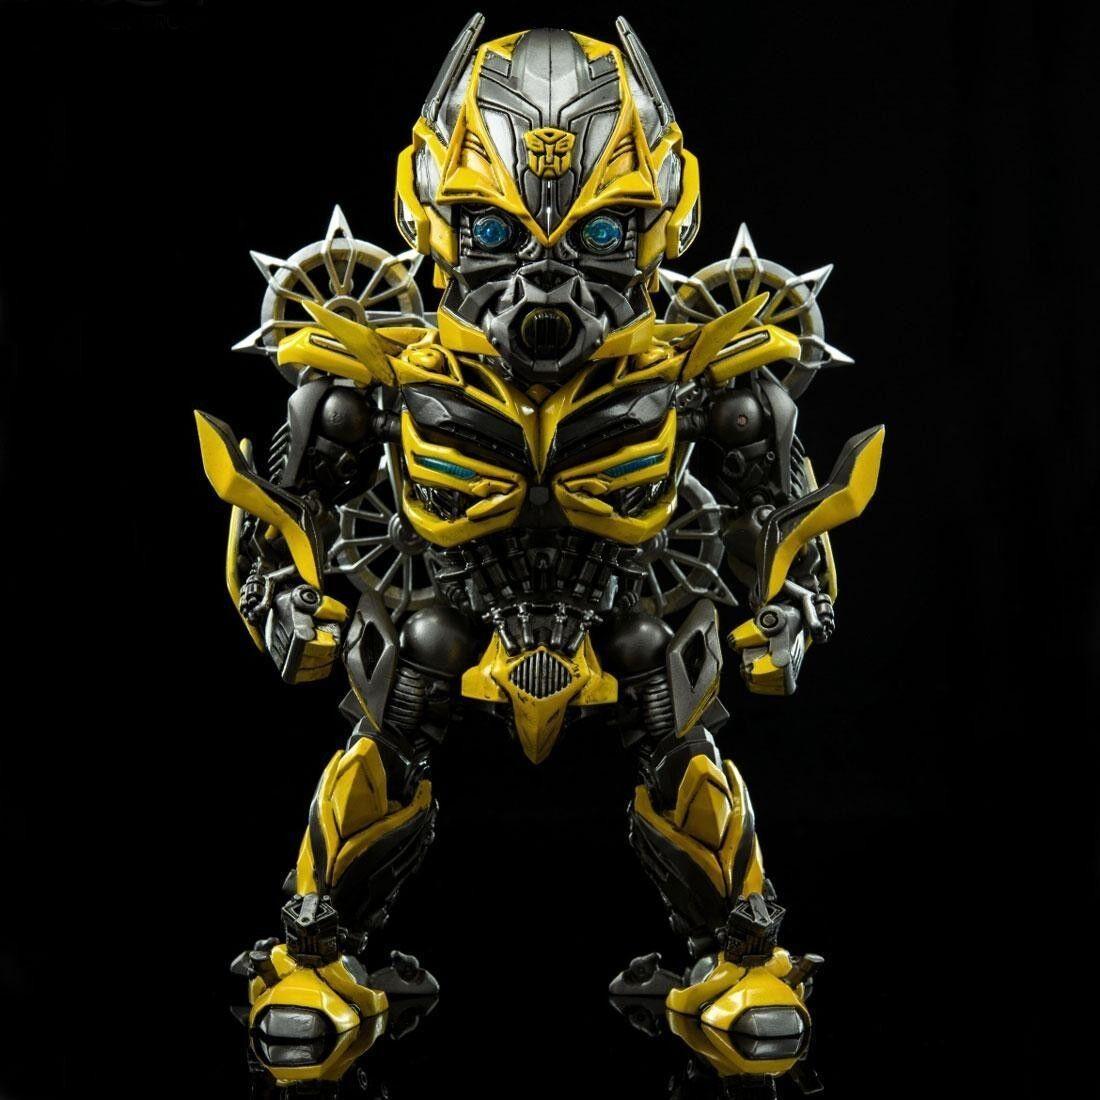 129 Herocross Hybrid Metal  022 Transformers Bumblebee Diecast Figure